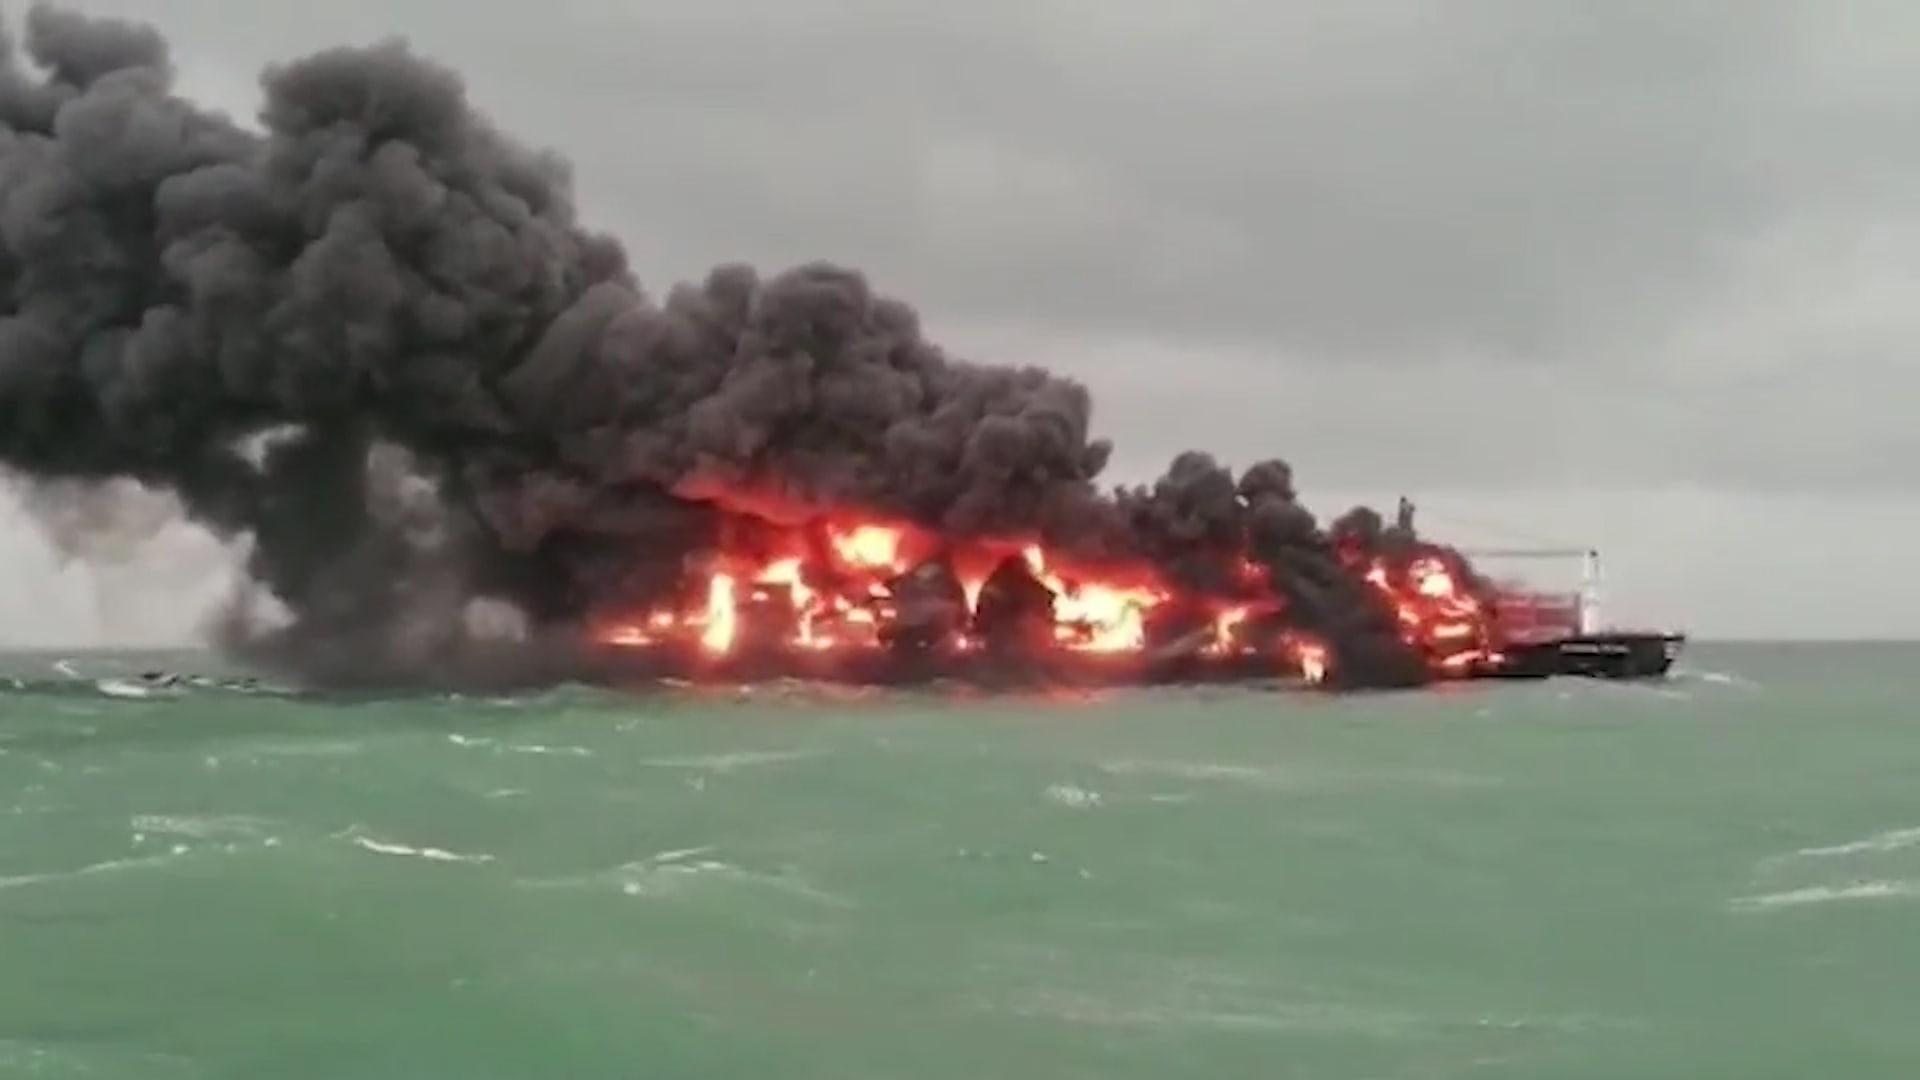 تلوث سفينة سريلانكا الغارقة يقتل الحياة البحرية المهددة بالانقراض